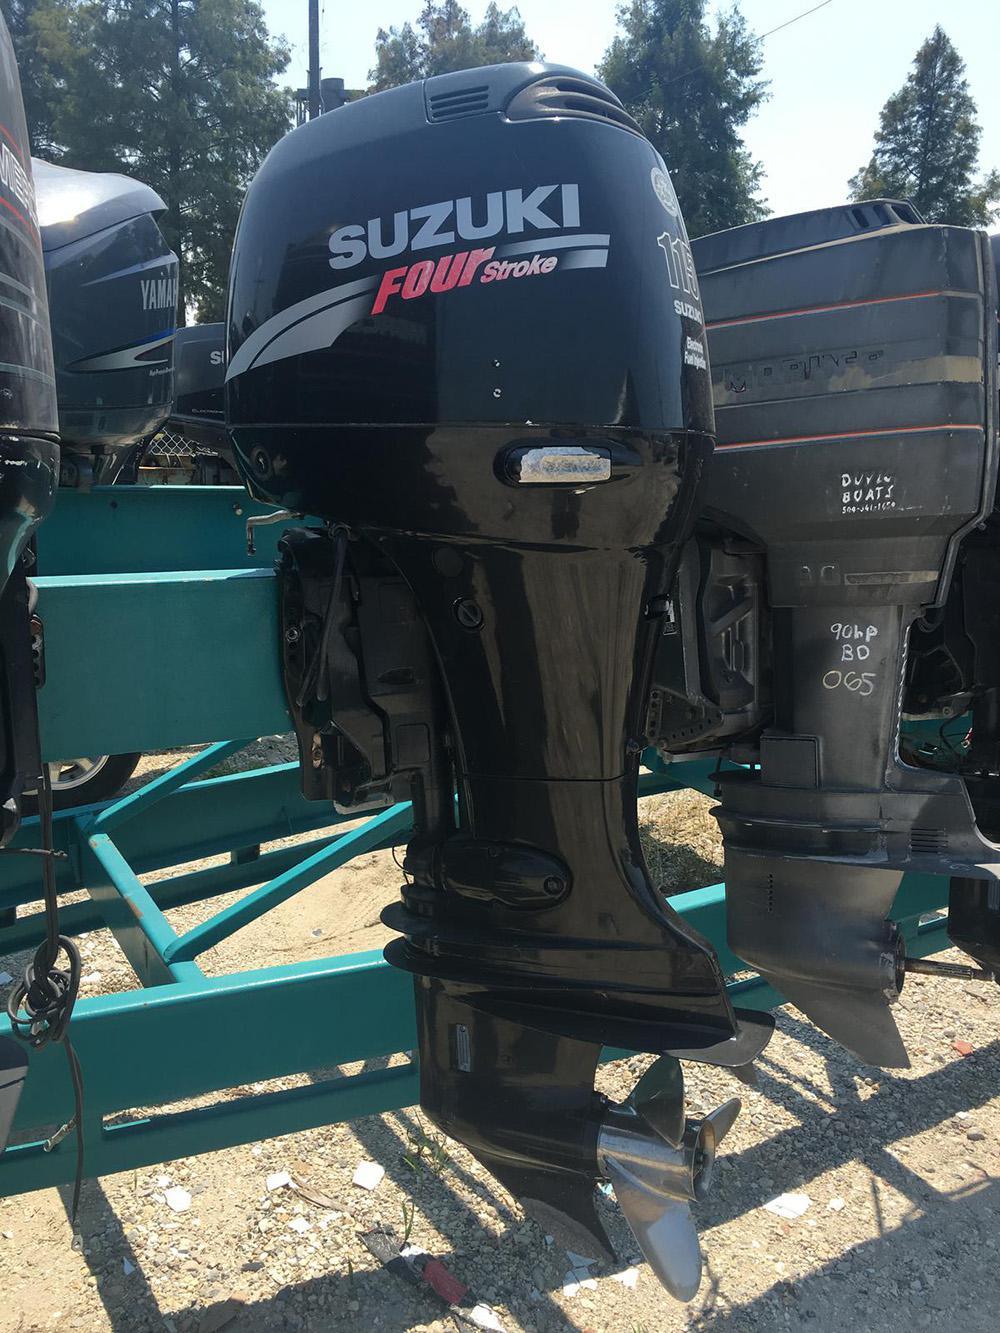 New  2006 Suzuki Outboard Motors Outboard in Marrero, Louisiana